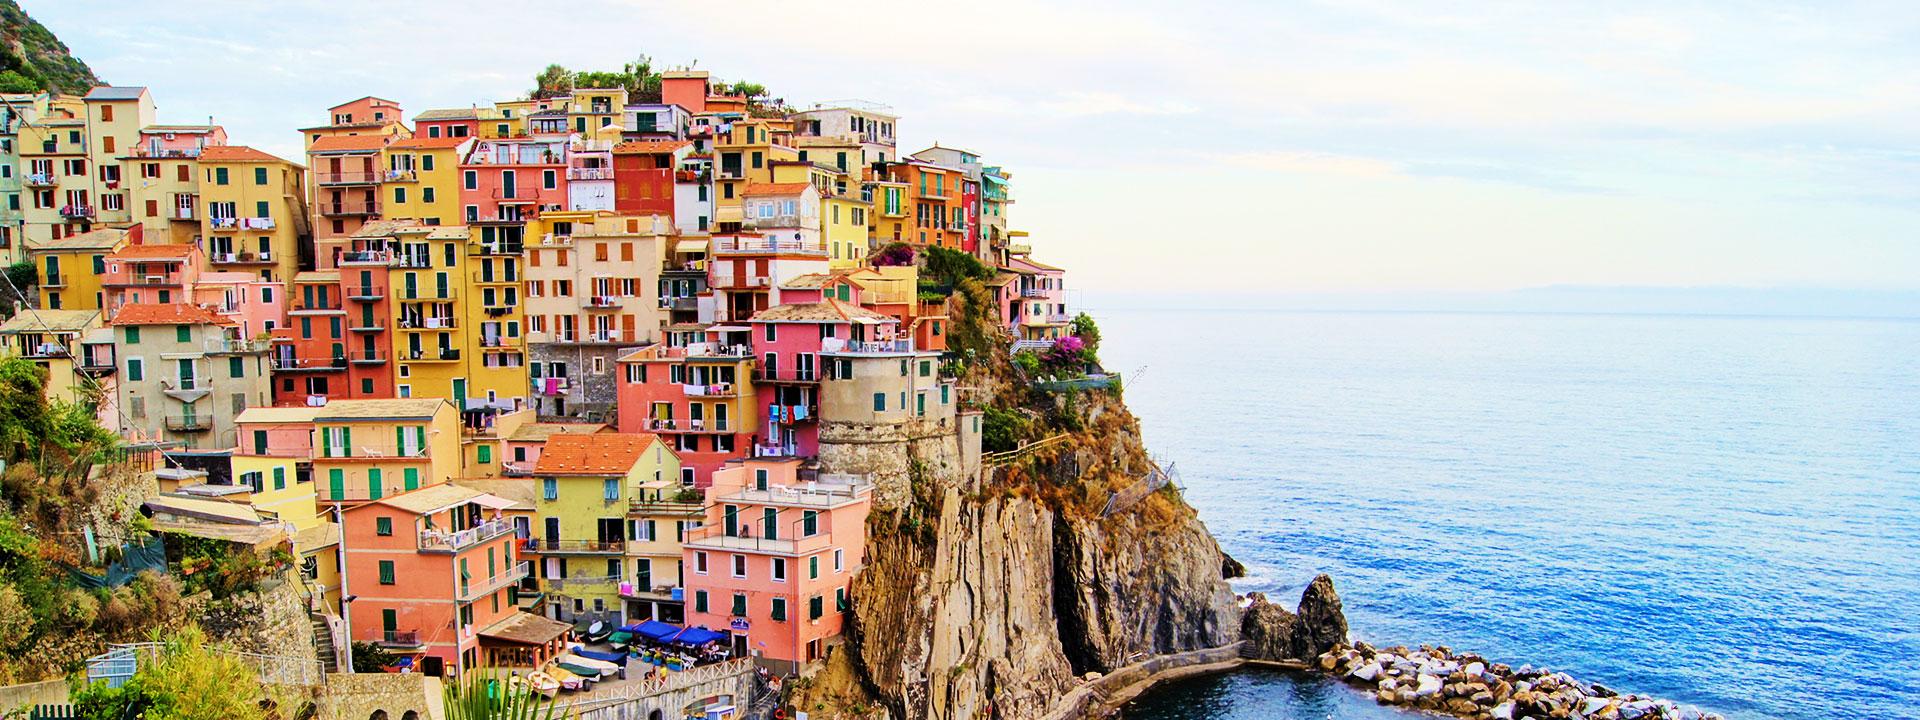 Italy & Cinque Terre RM5688